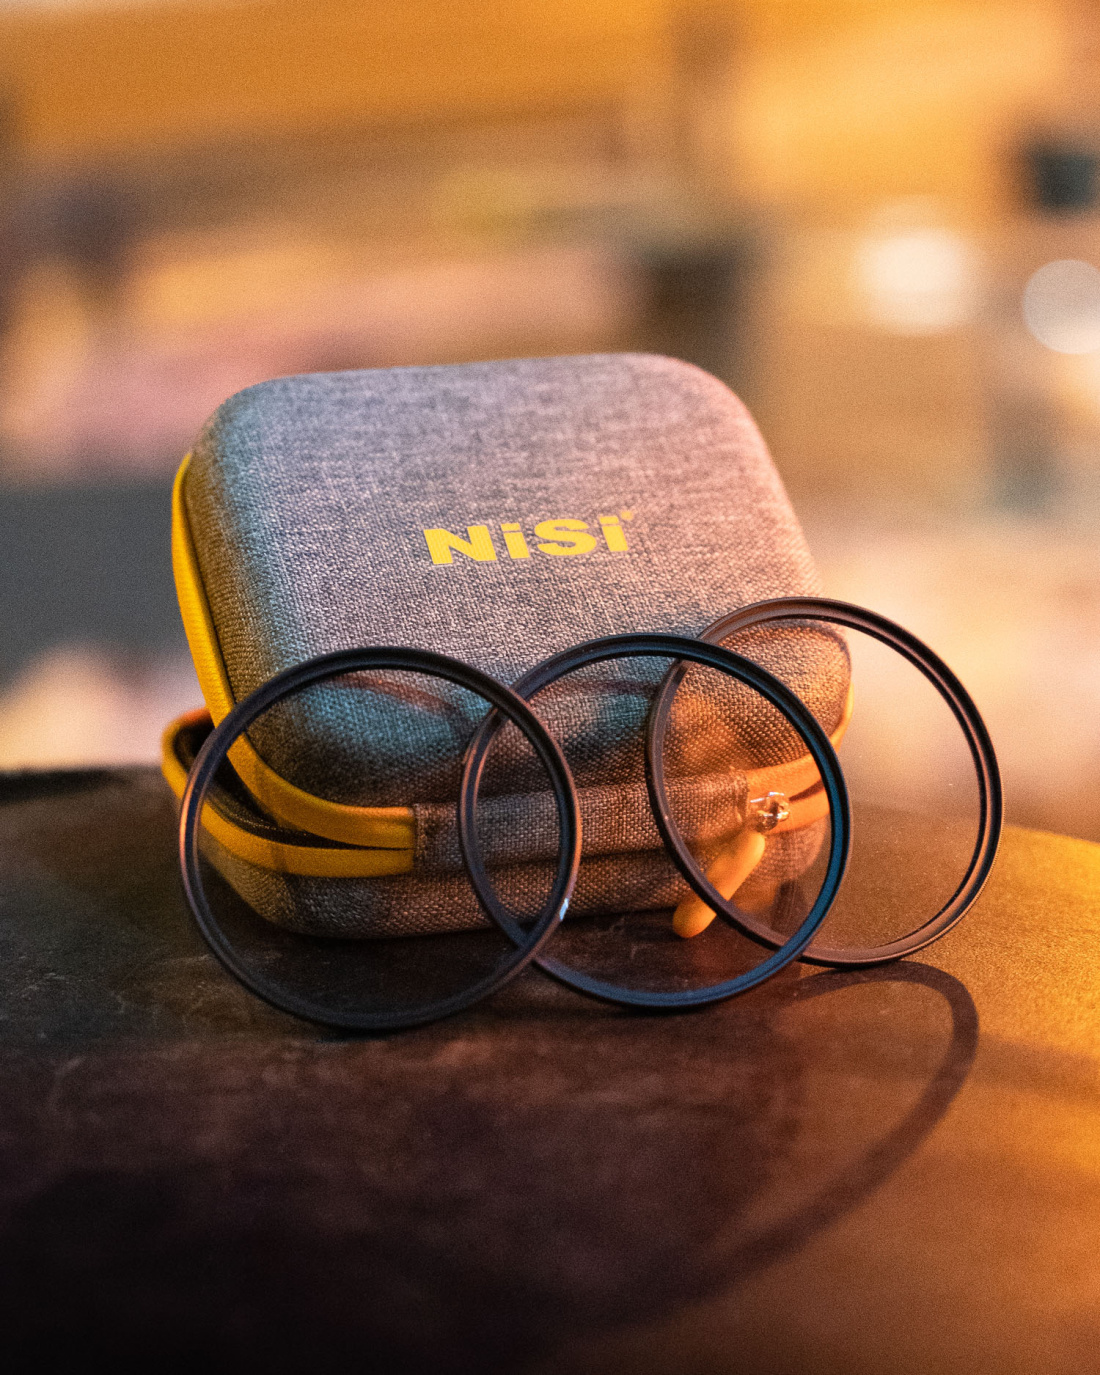 NiSi Black Mist